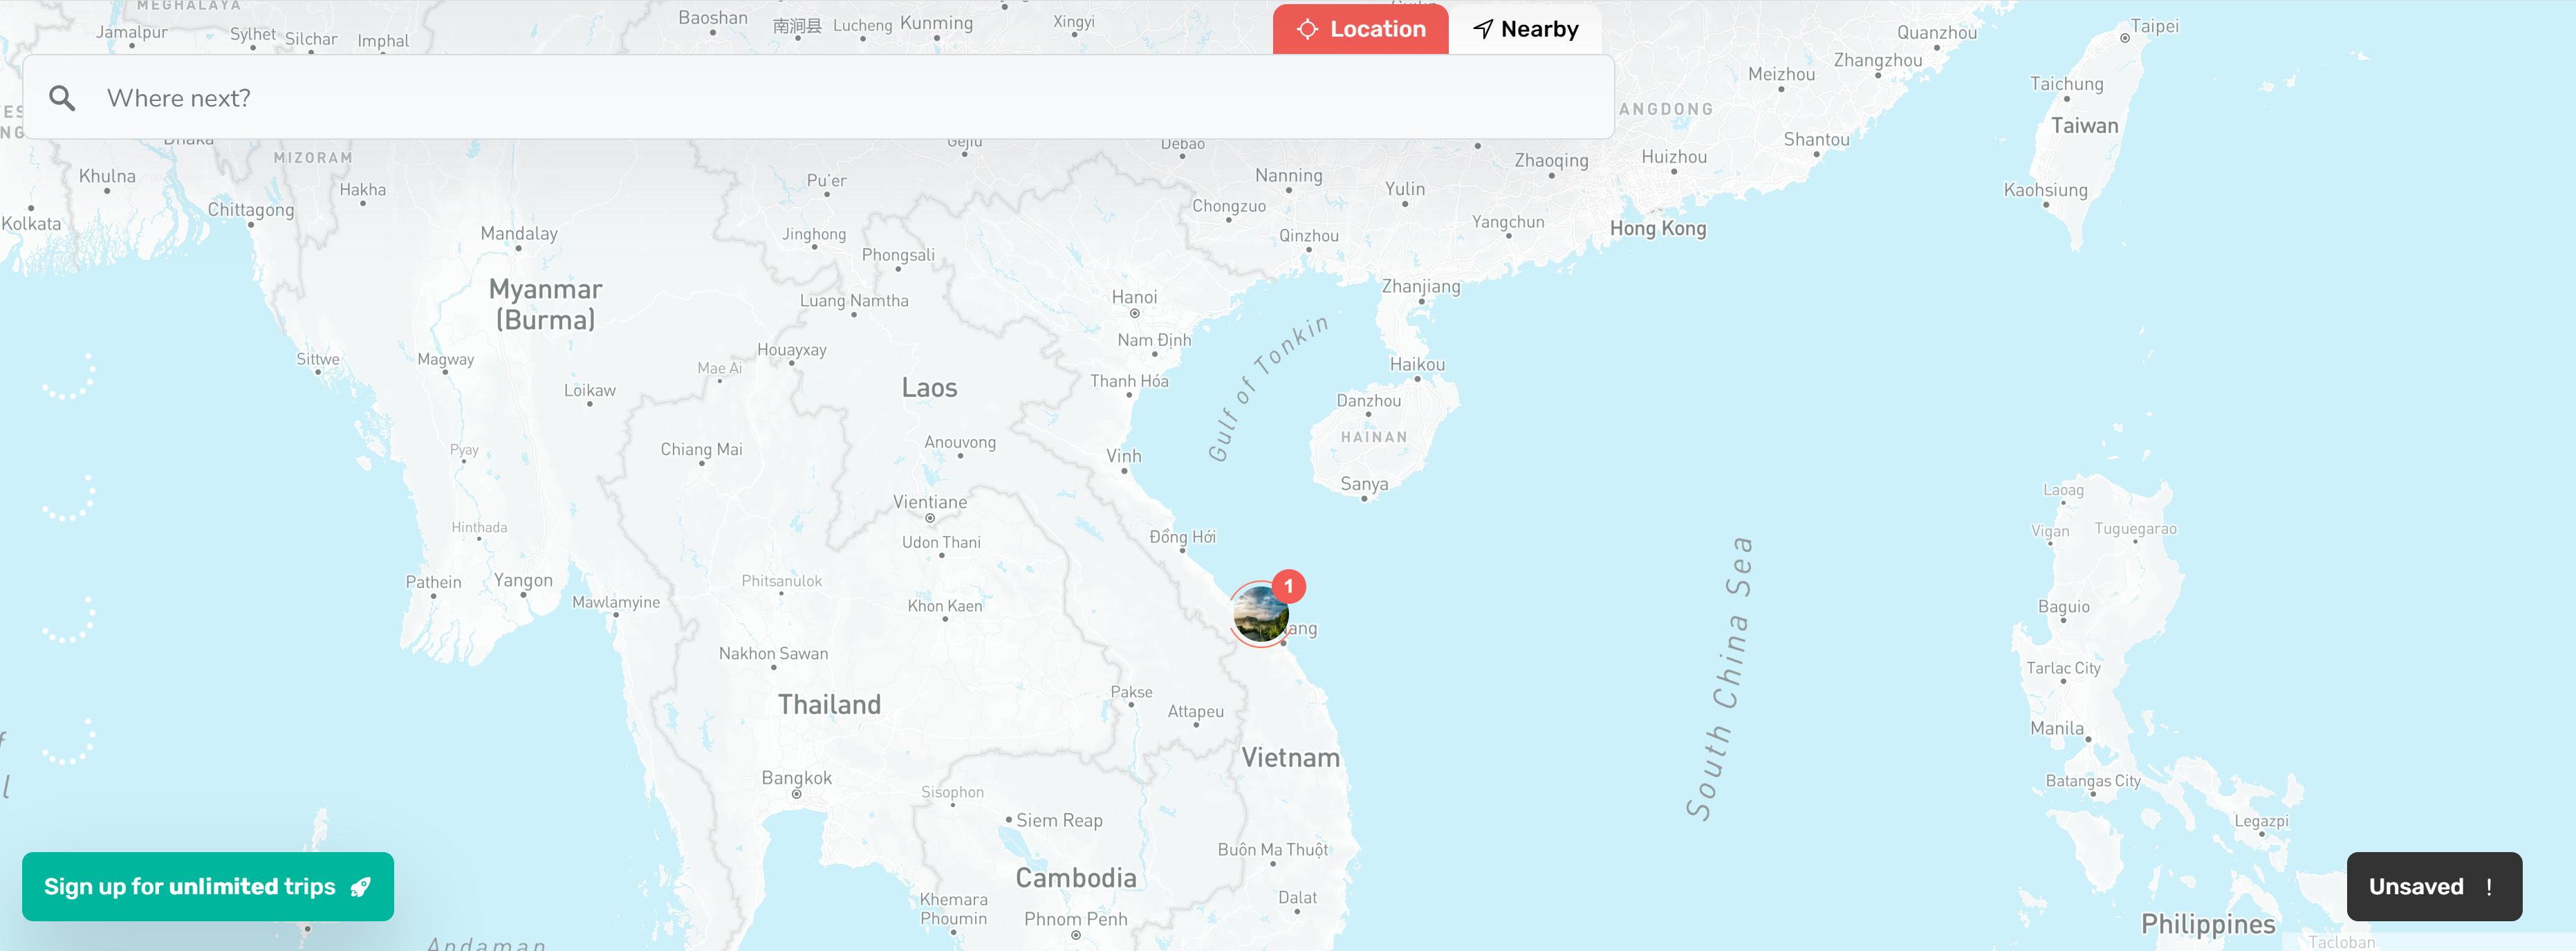 Da Nang Vietnam tripapt trip planner